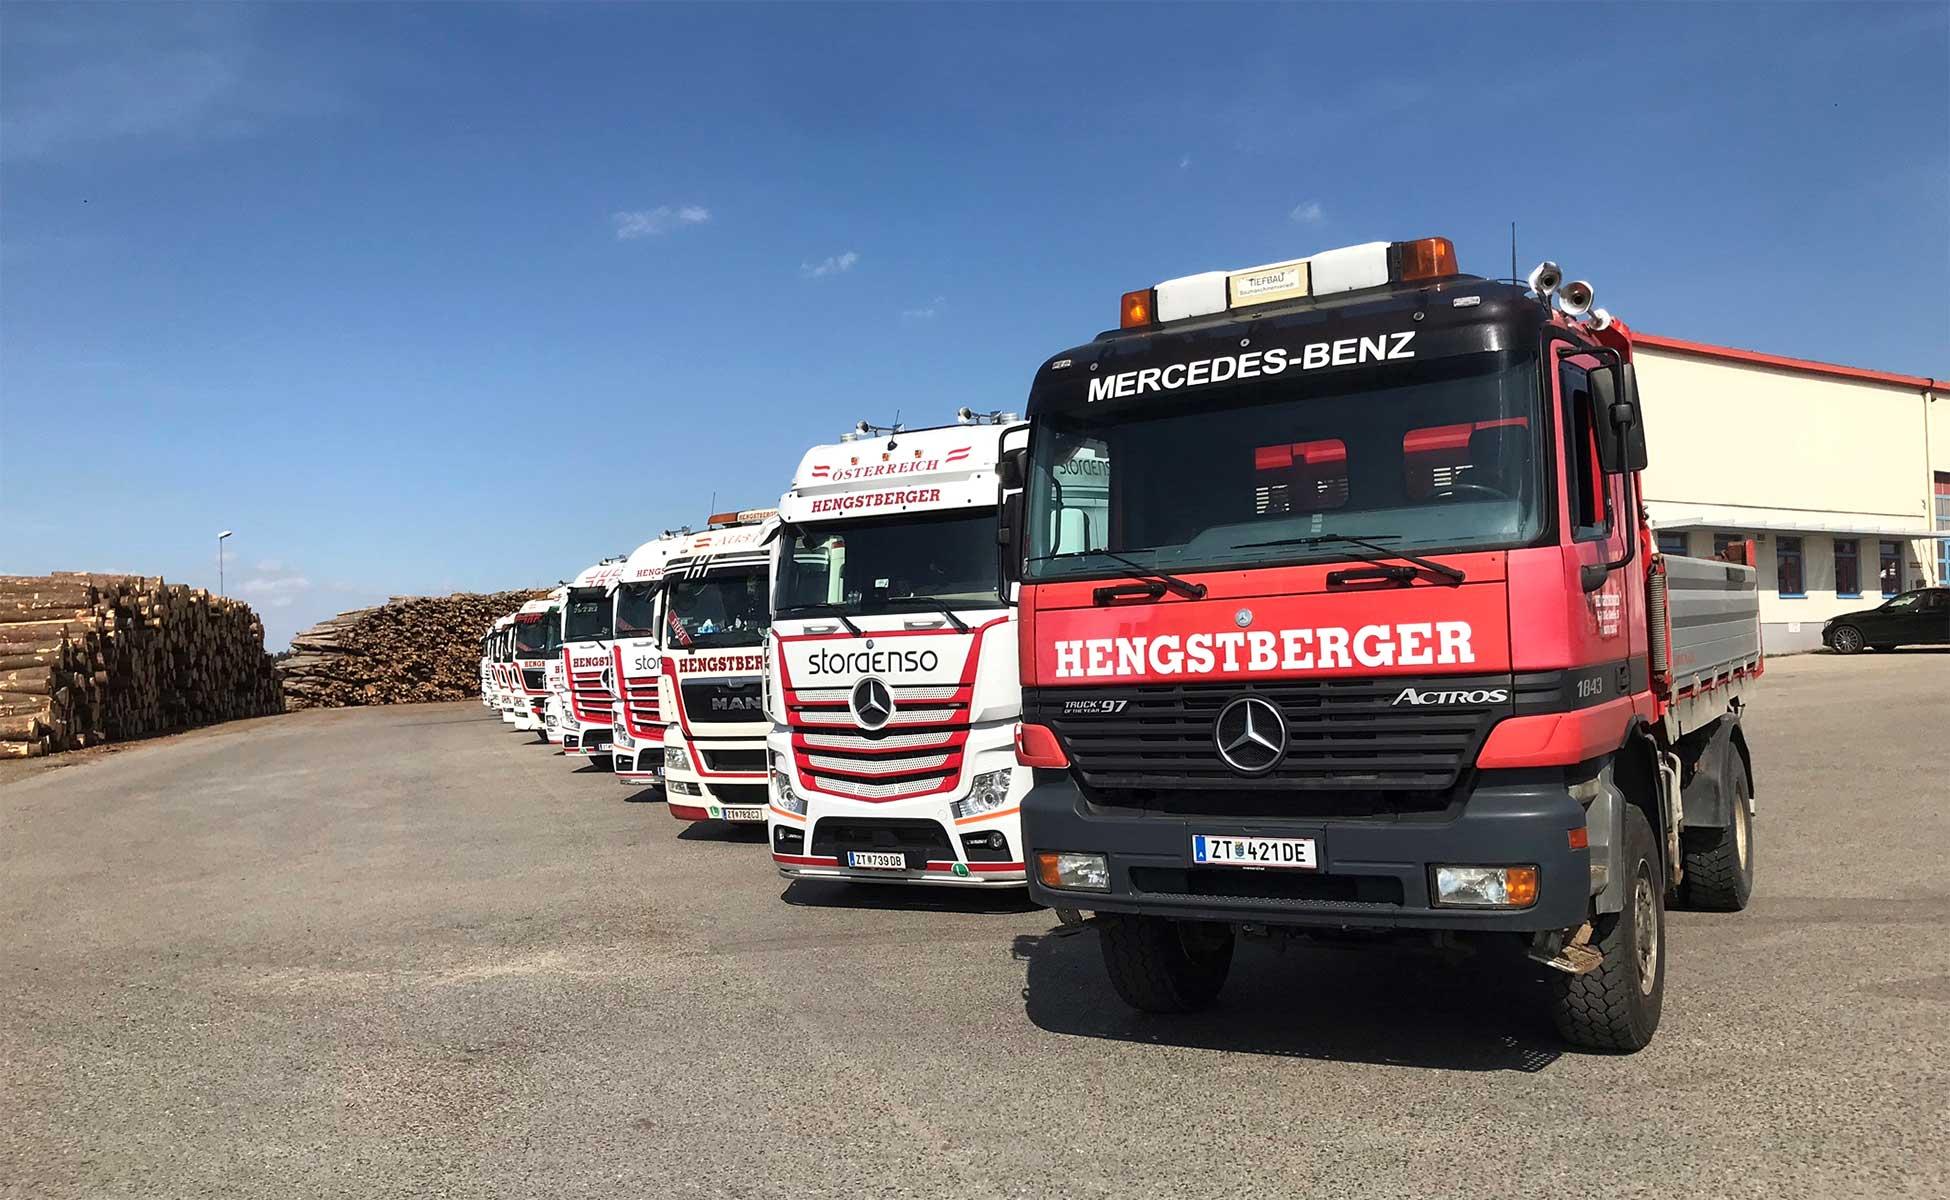 Hengstberger LKW Flotte